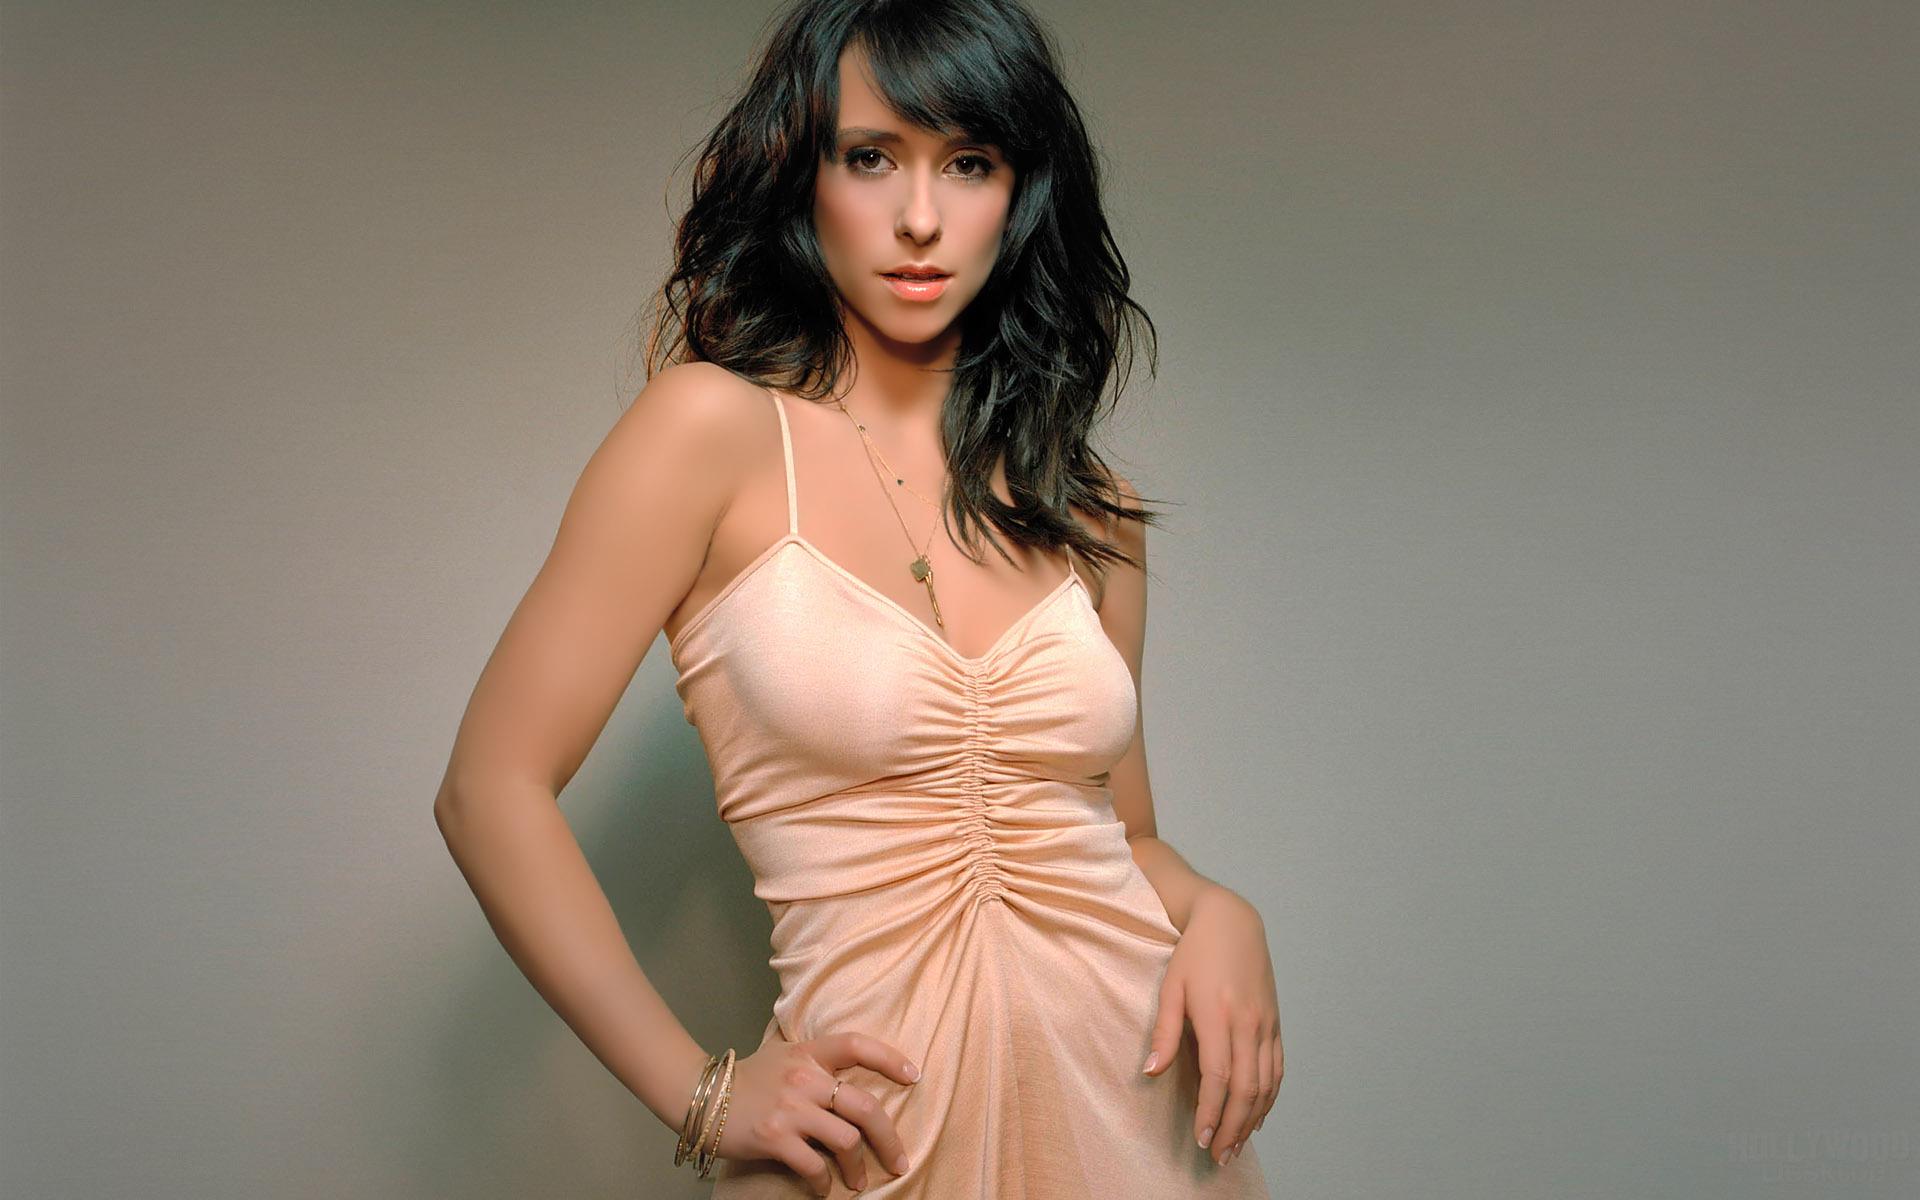 foto hot model amerika vagina